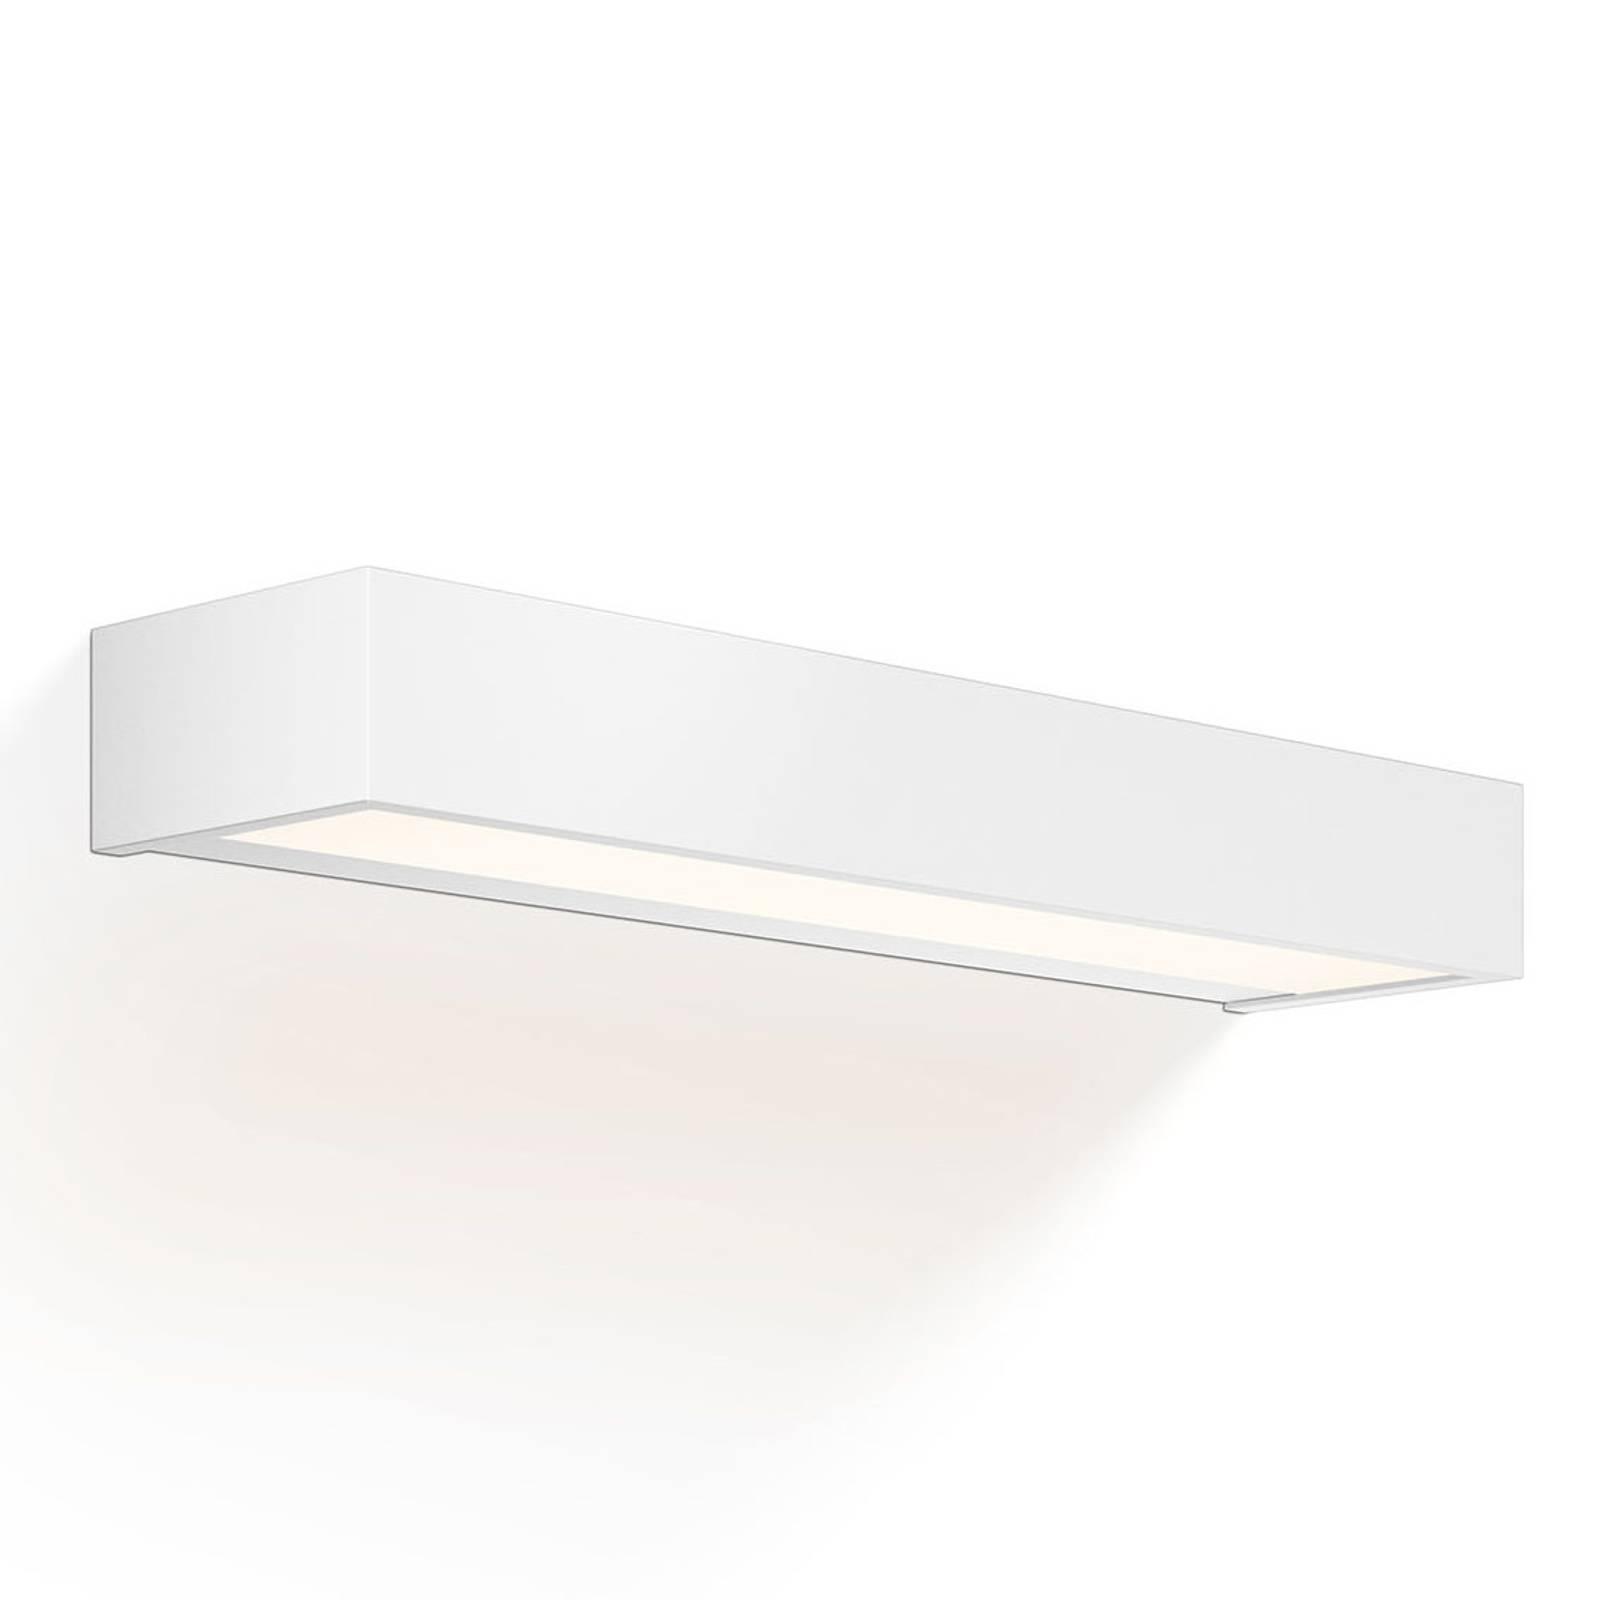 Decor Walther Box LED-seinävalo valkoinen 40cm